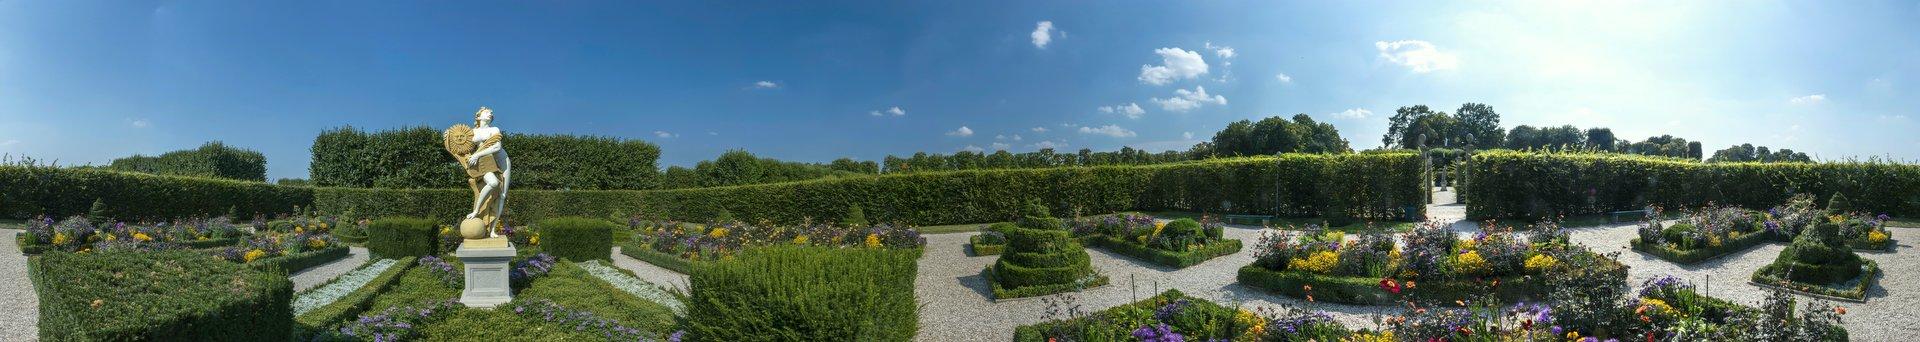 360° Panorama des Niederdeutschen Blumengartens im Großen Garten